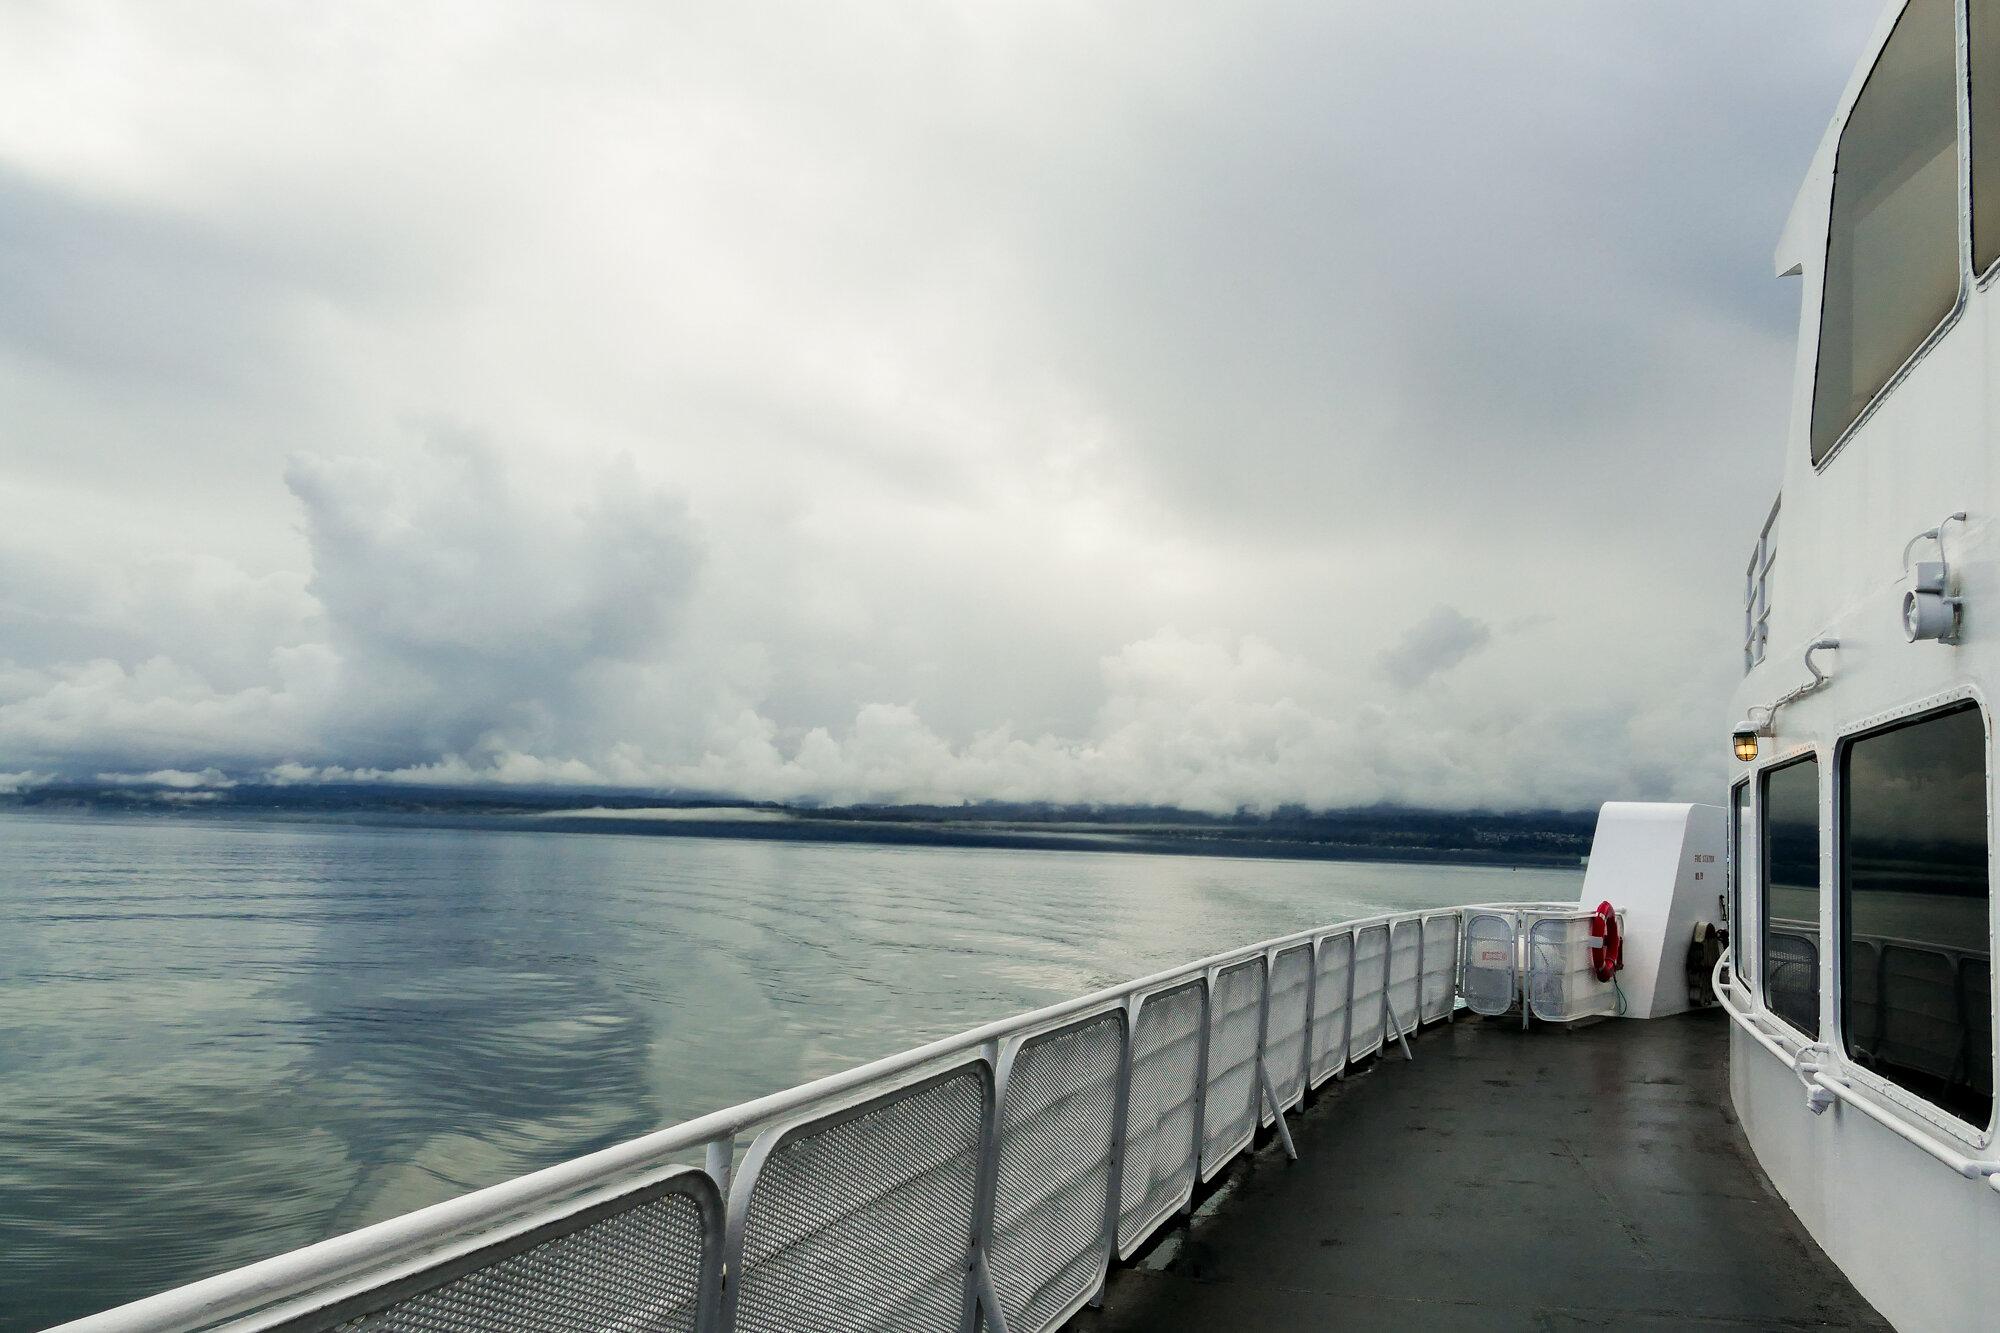 On the ferry headed toward Haida Gwaii.